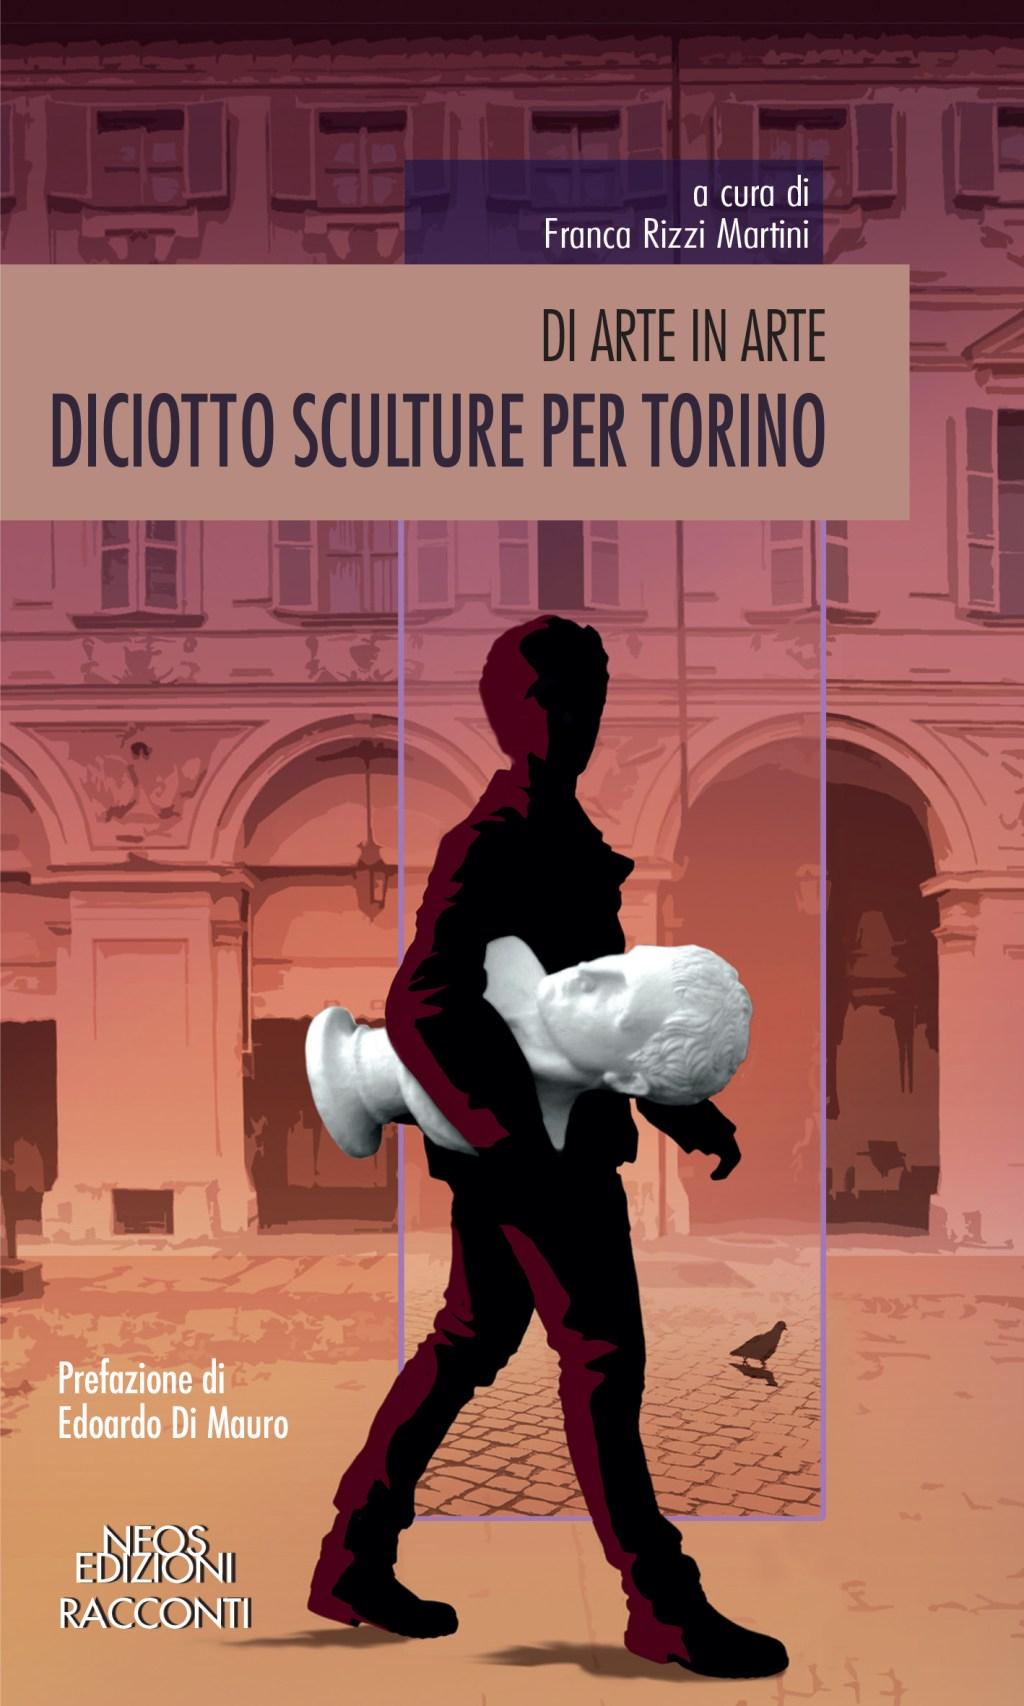 Diciotto sculture per Torino